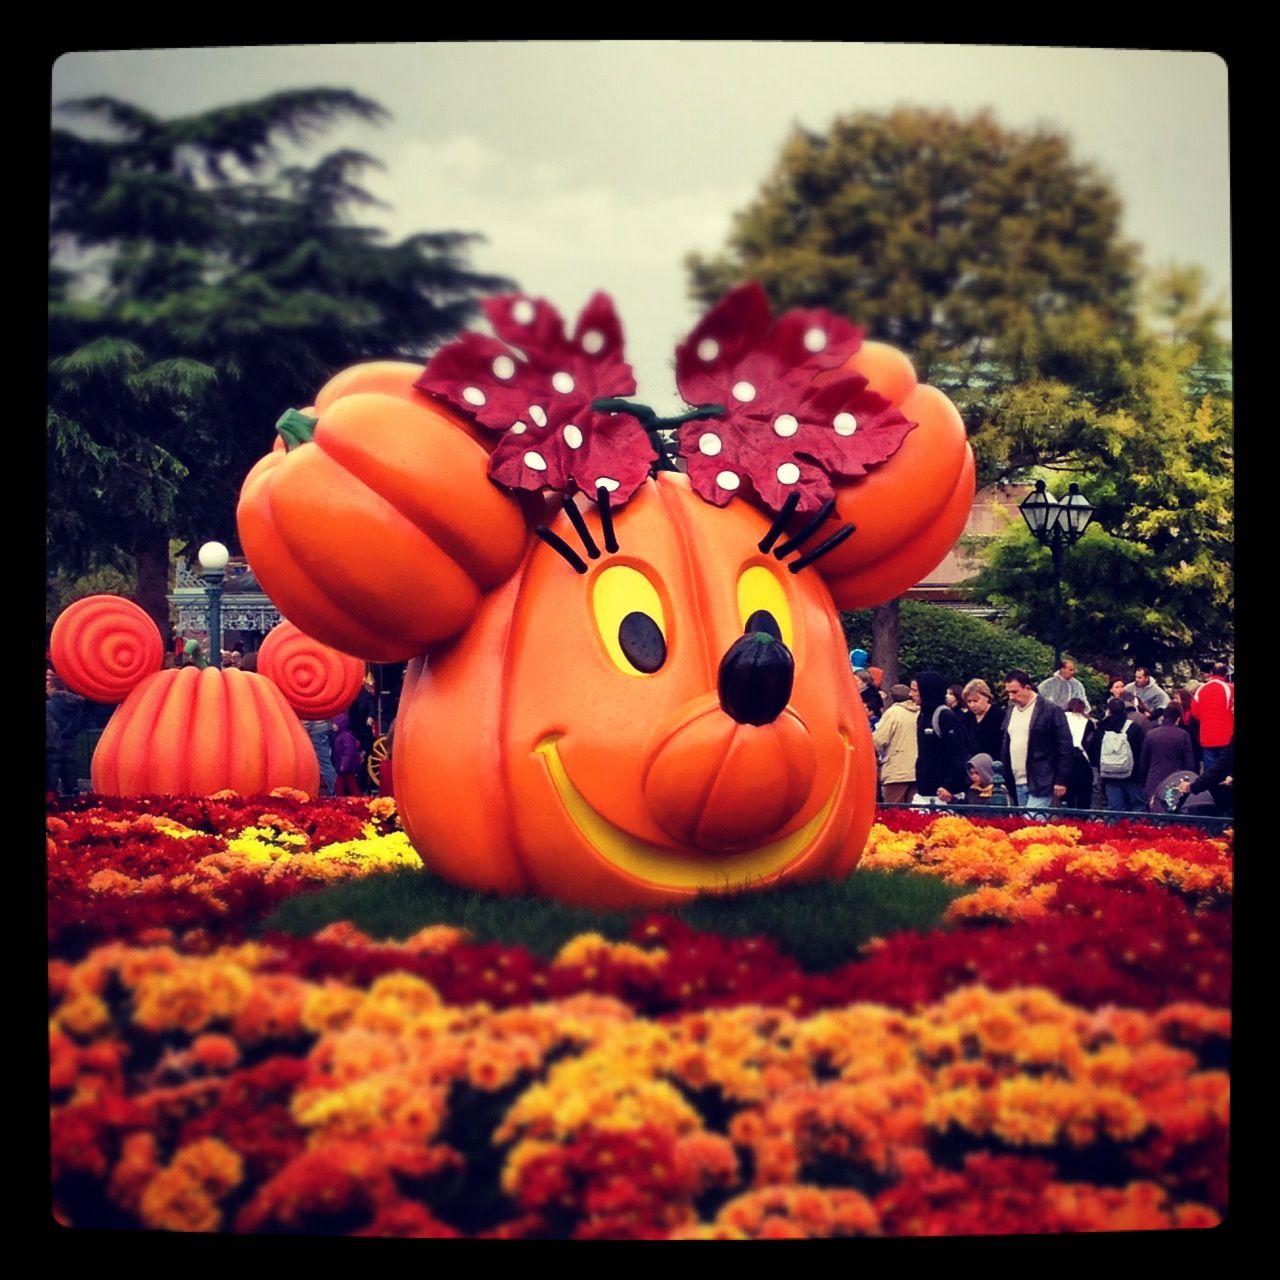 Disneyland paris october 2012 disney halloween